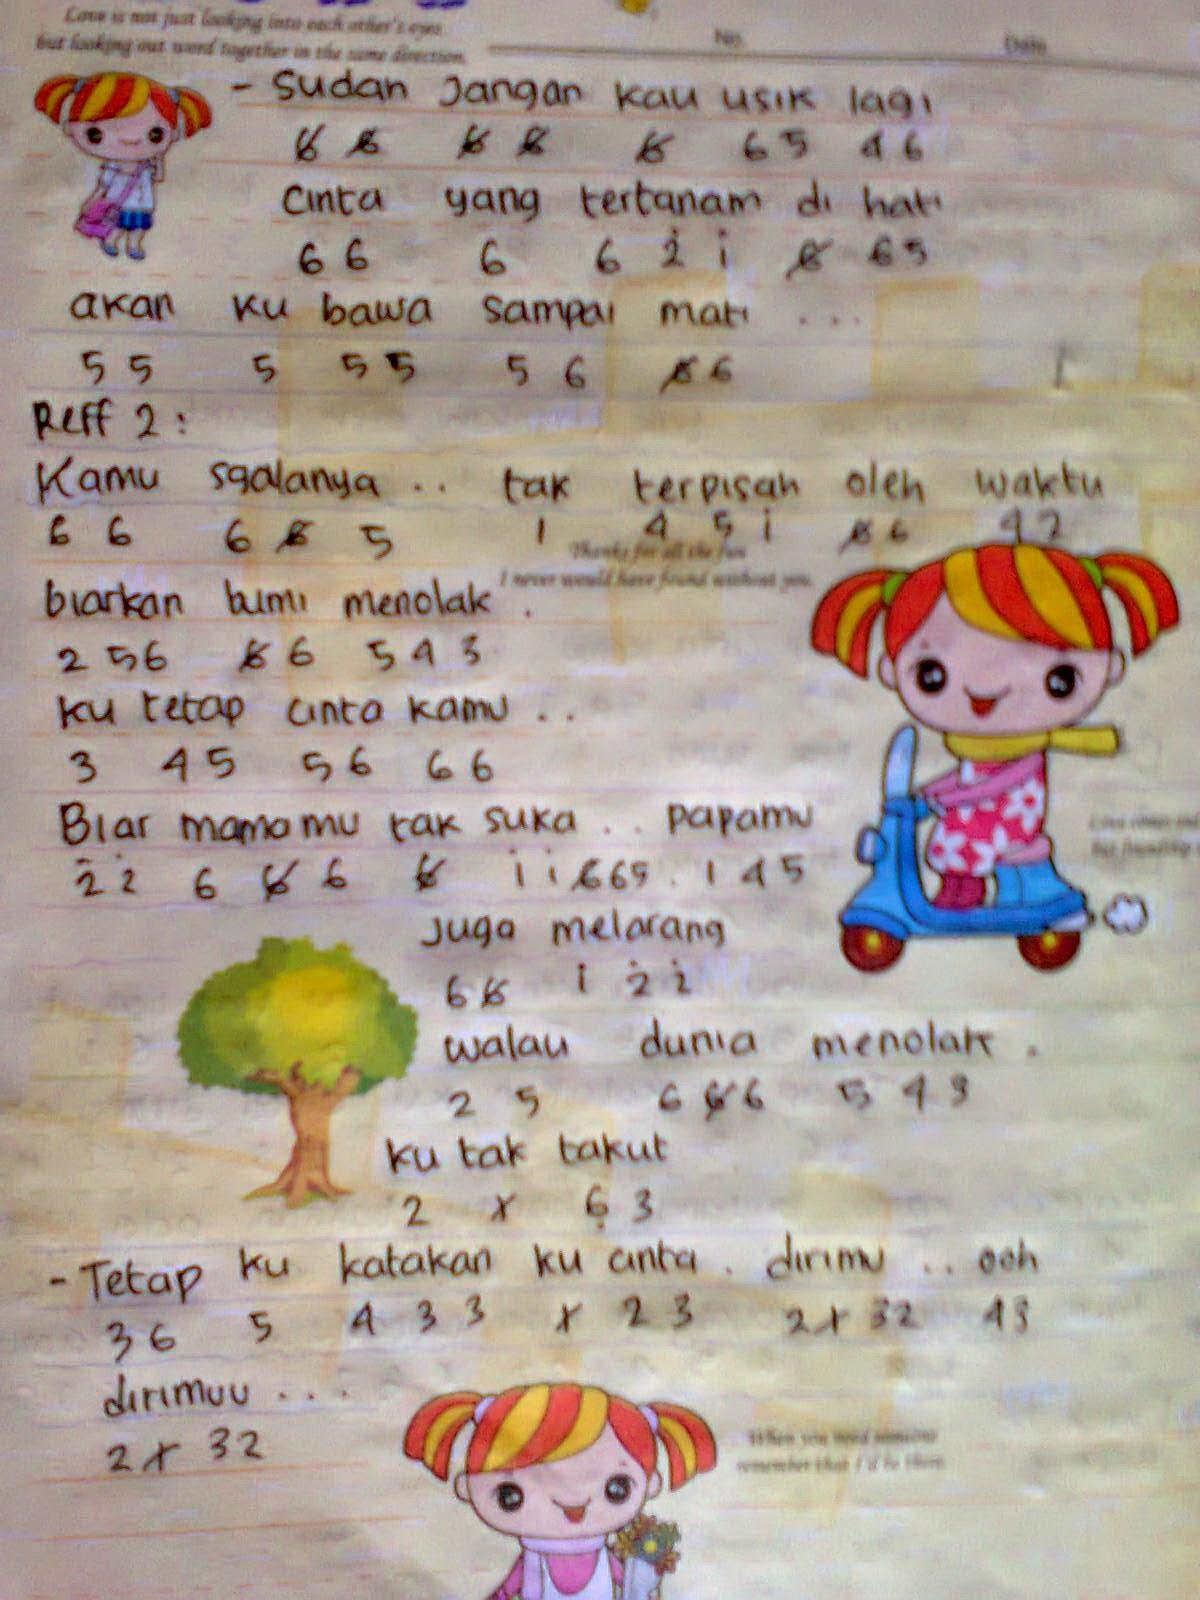 Lirik Lagu Judika Mama Papa Larang : lirik, judika, larang, Chord, Gitar, Larang, Walls